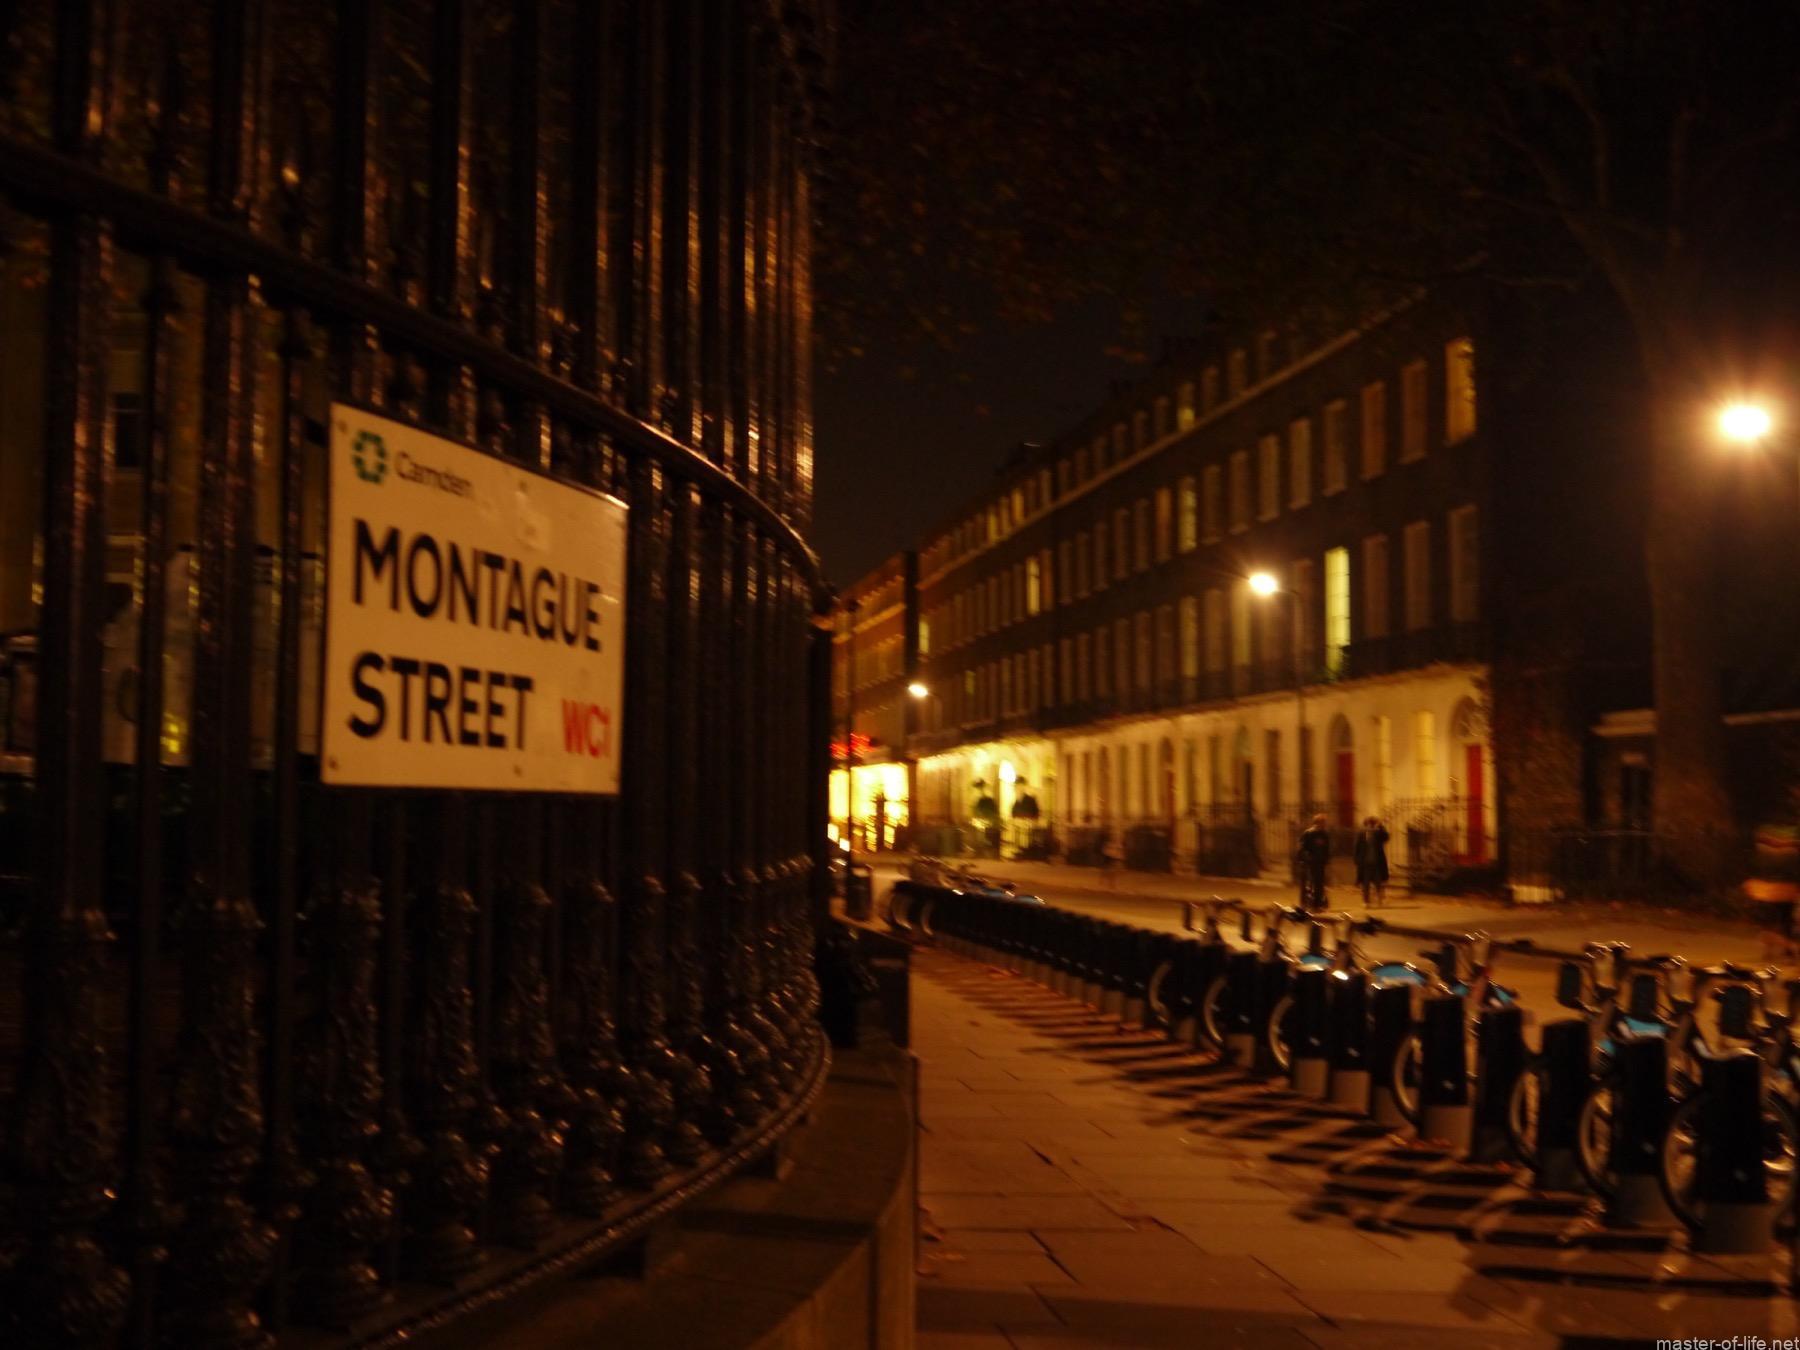 モンタギュー街